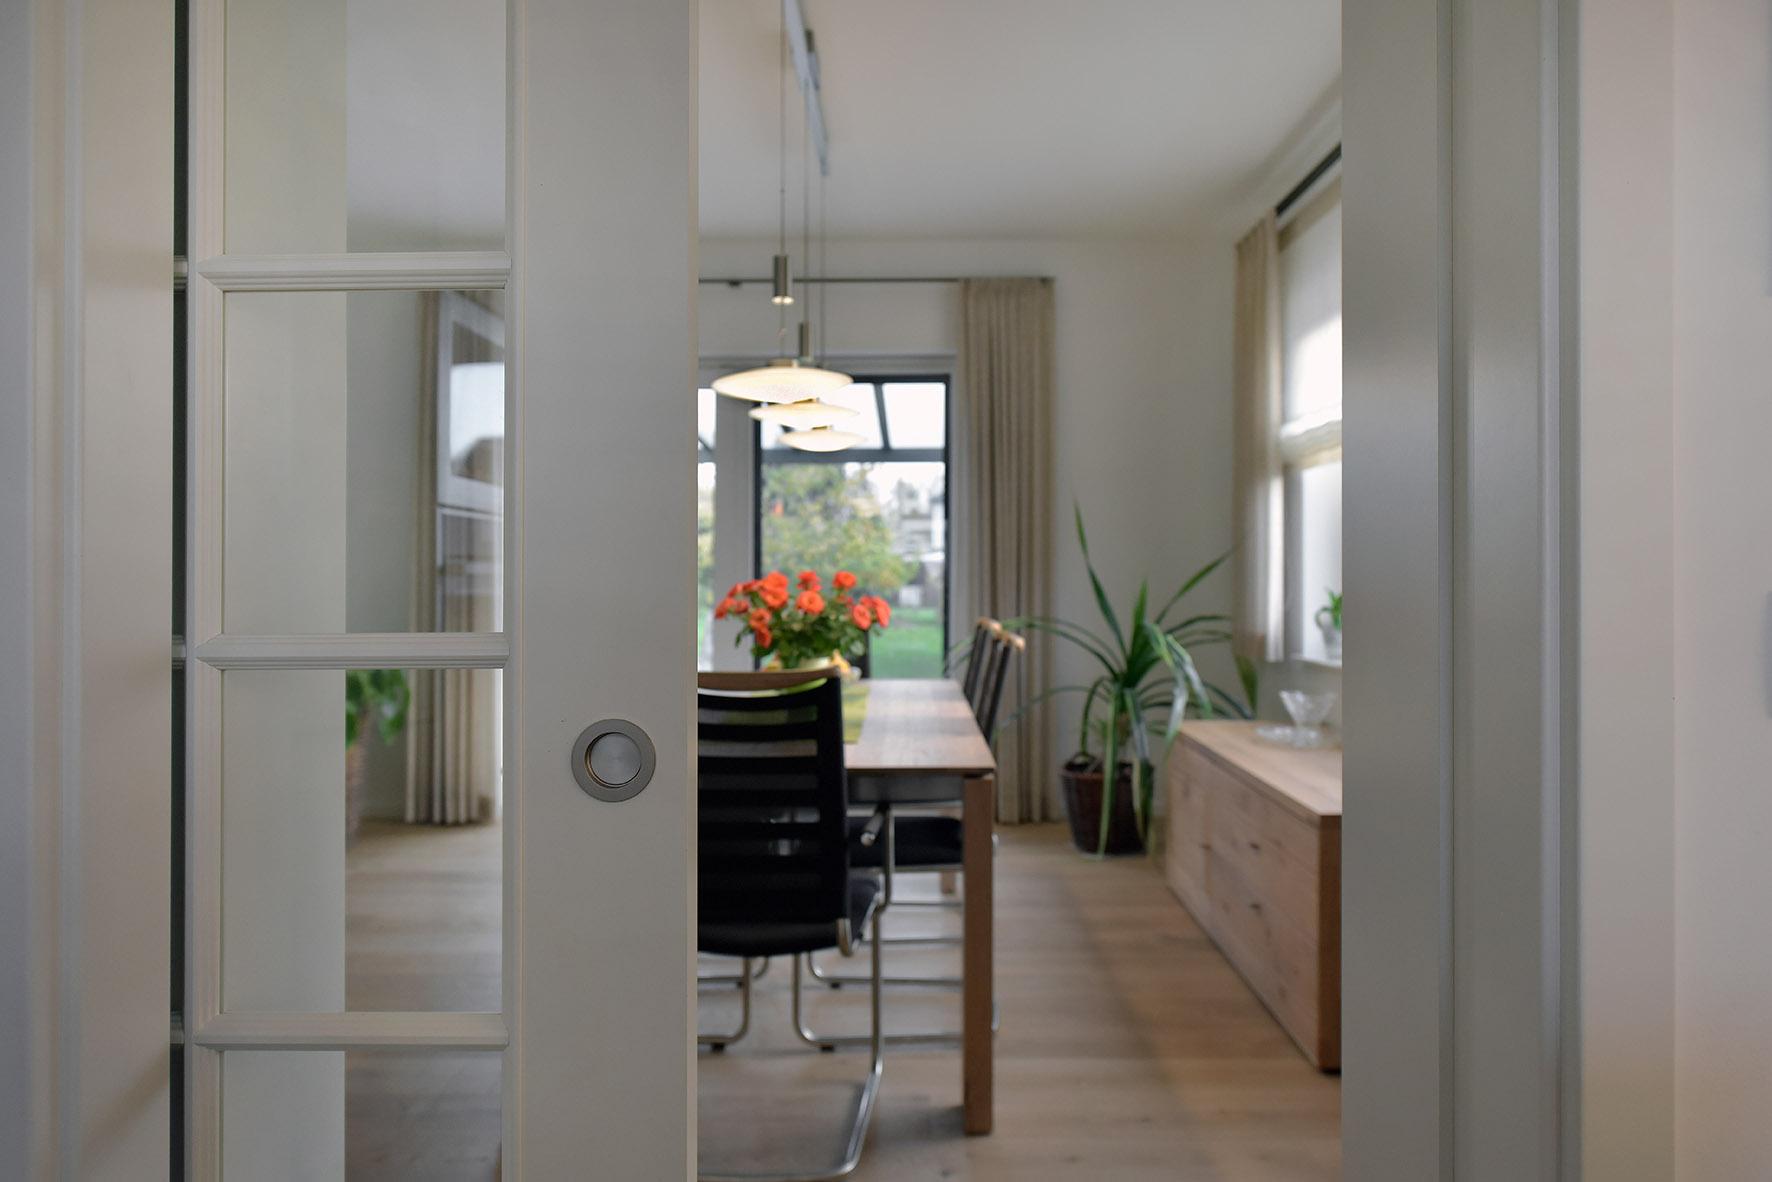 Wohnzimmer - 2046.jpg